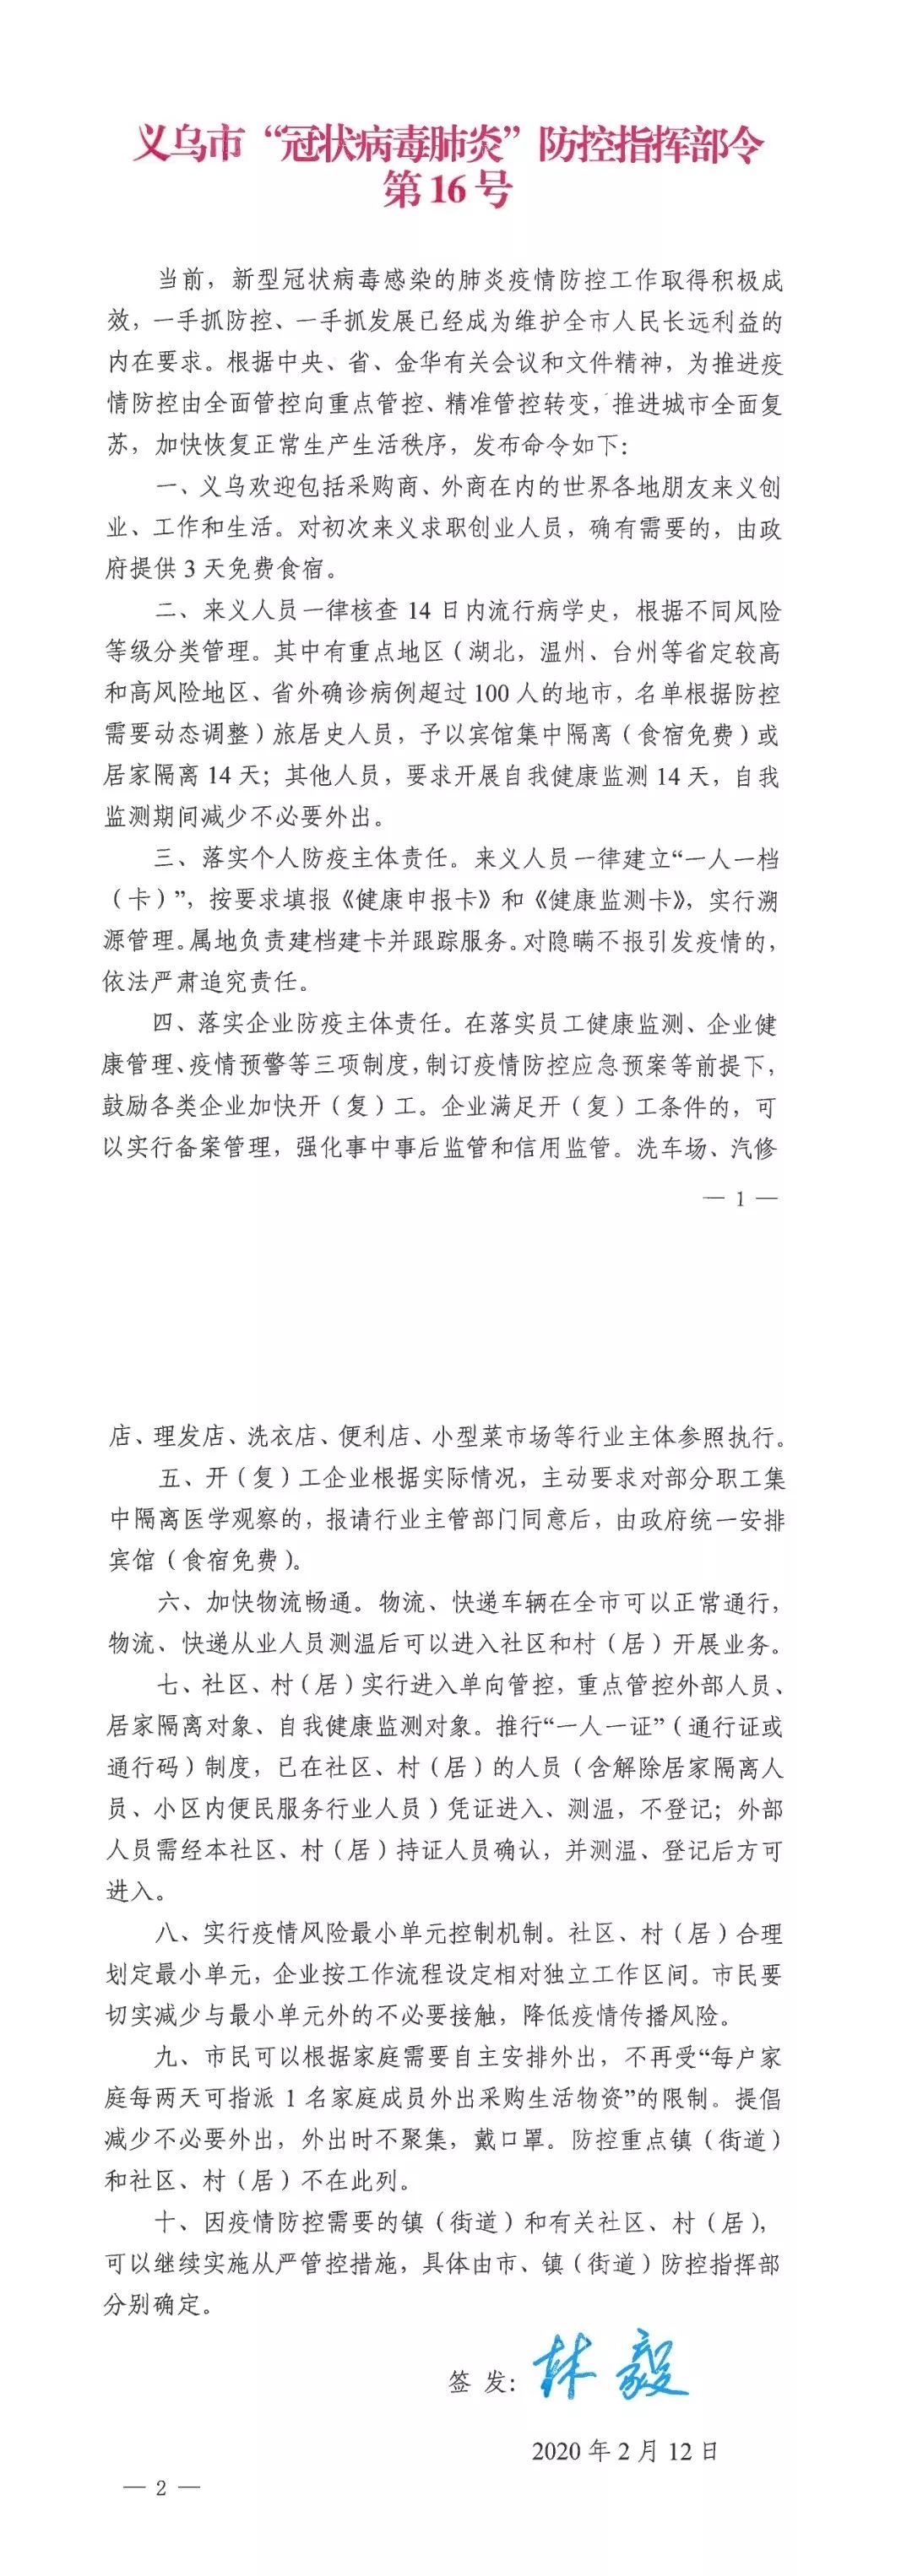 Yiwu Opens Door After Coronavirus Outbreak